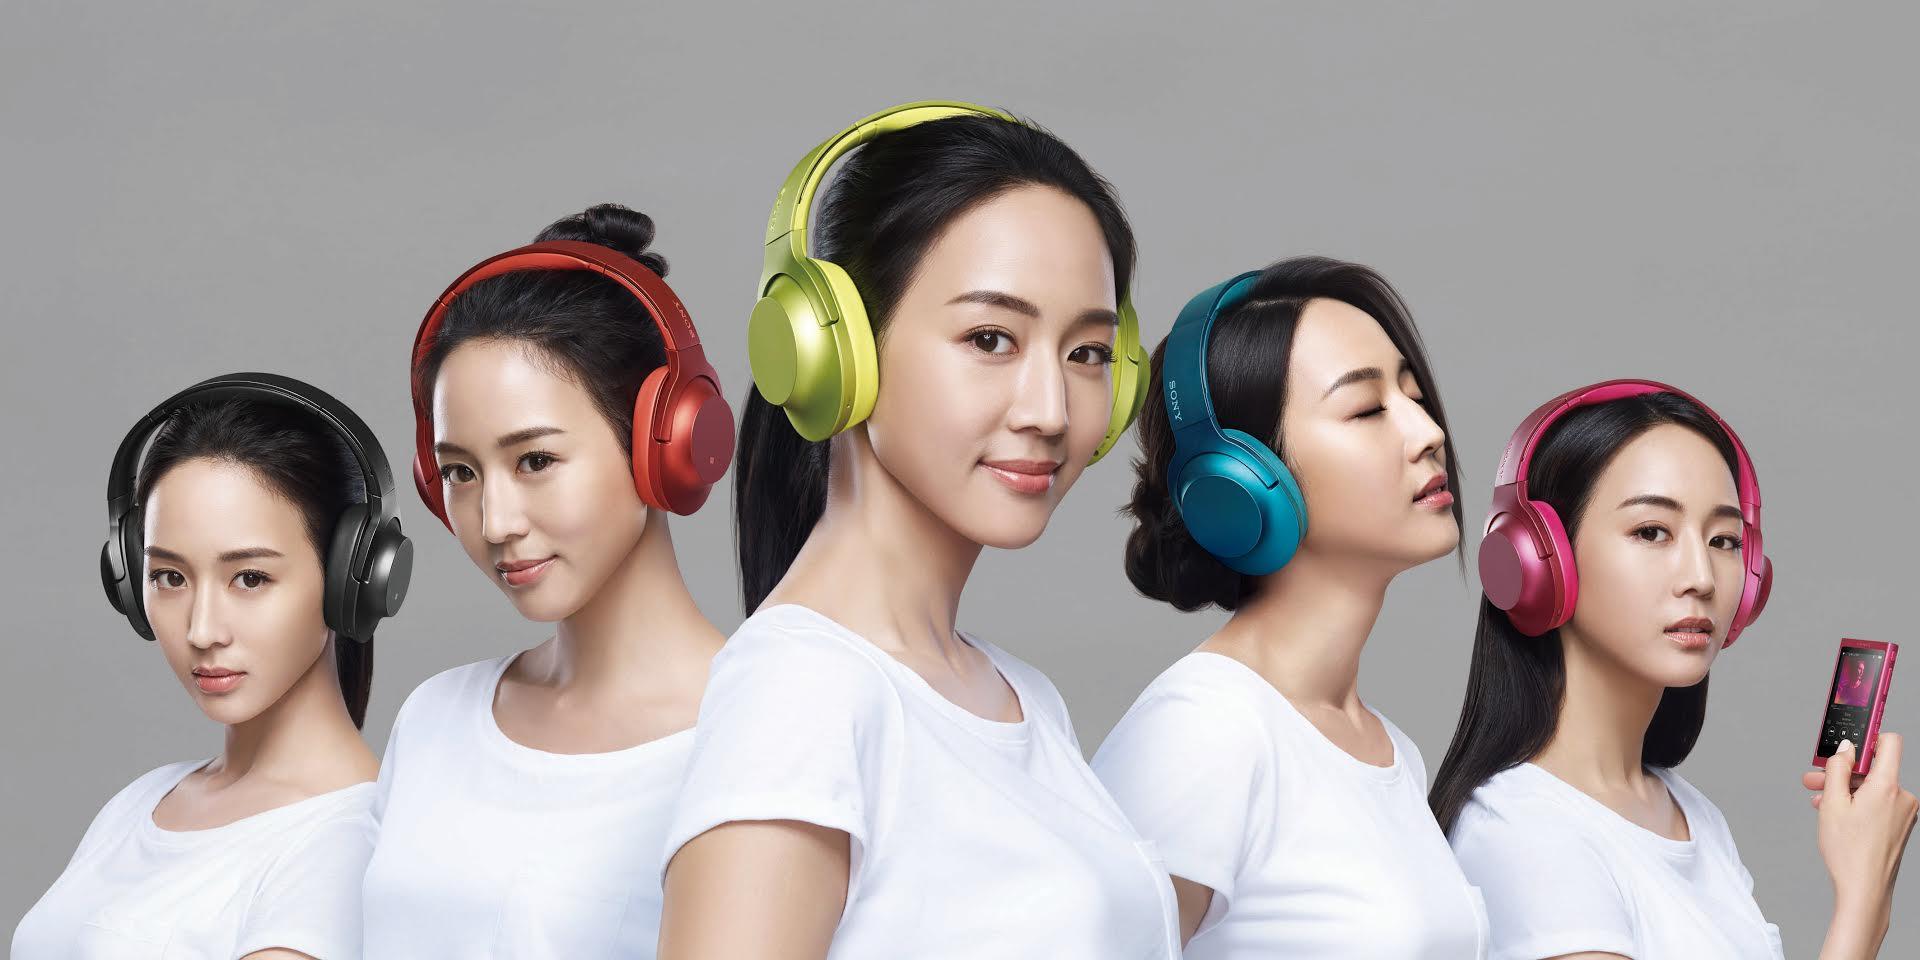 氣質女星張鈞甯代言Sony h.ear 系列耳機產品